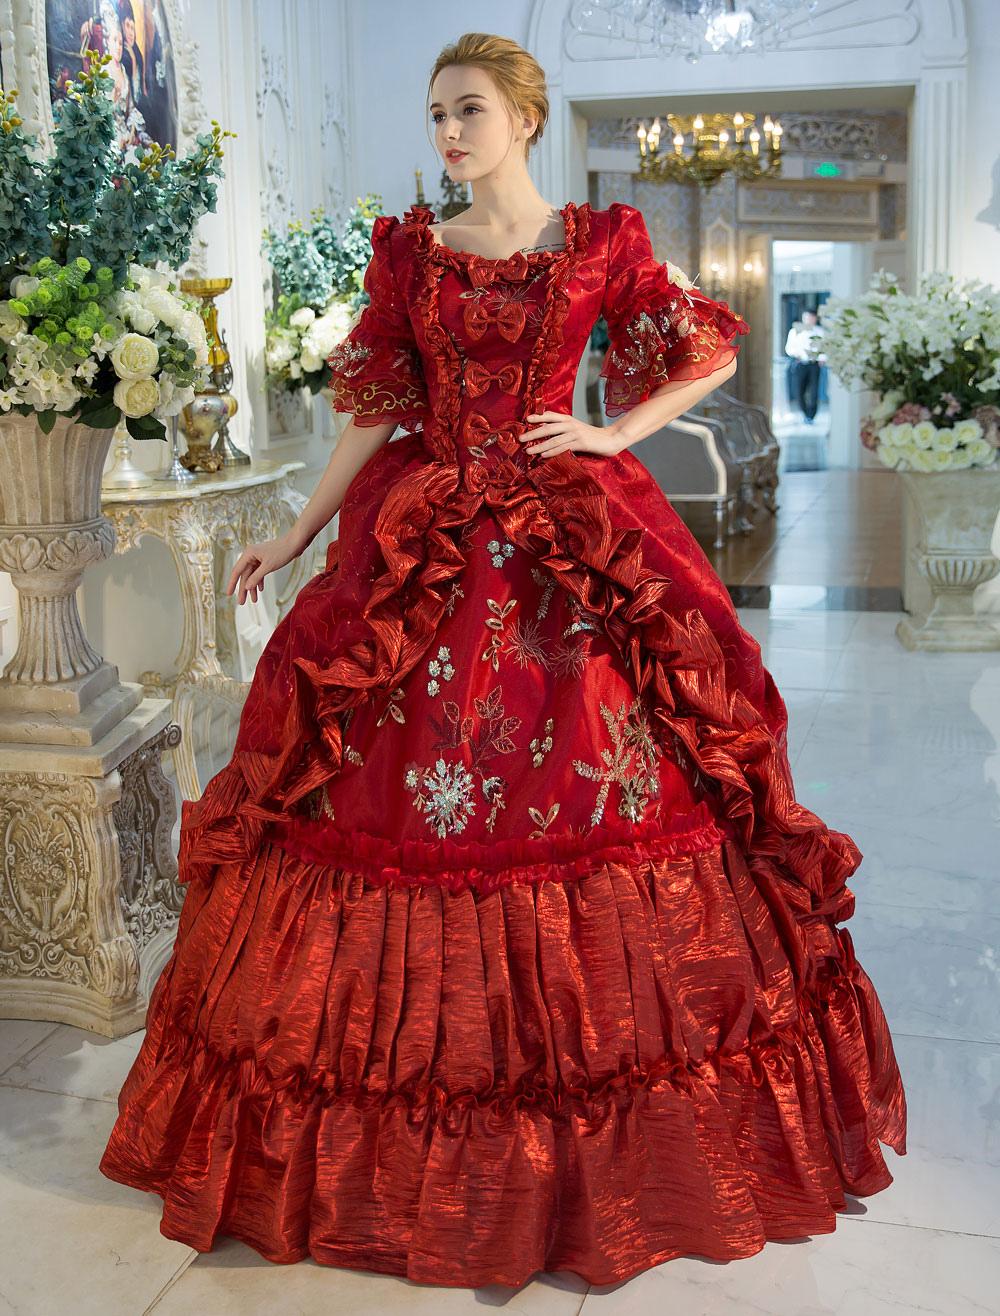 Секс фото в пышных платьях эпохи возрождения забавное